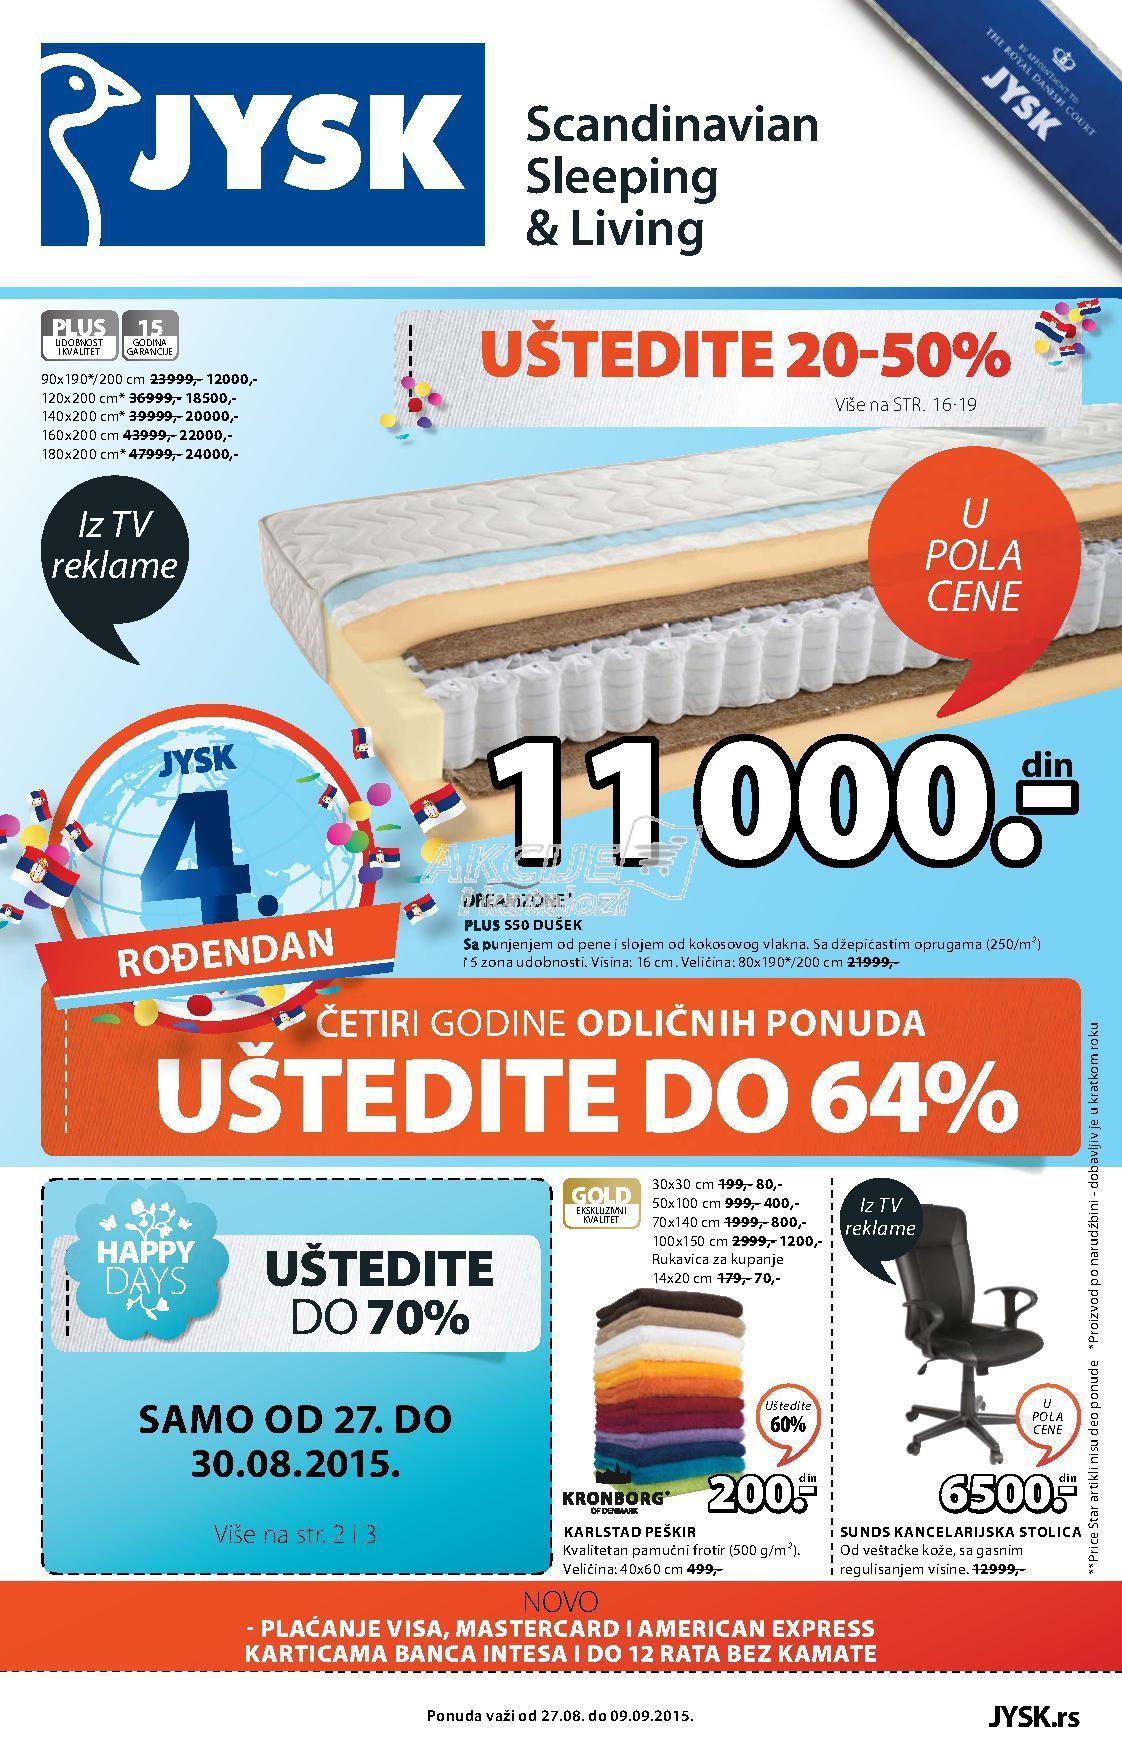 JYSK - Redovna akcija super kupovine